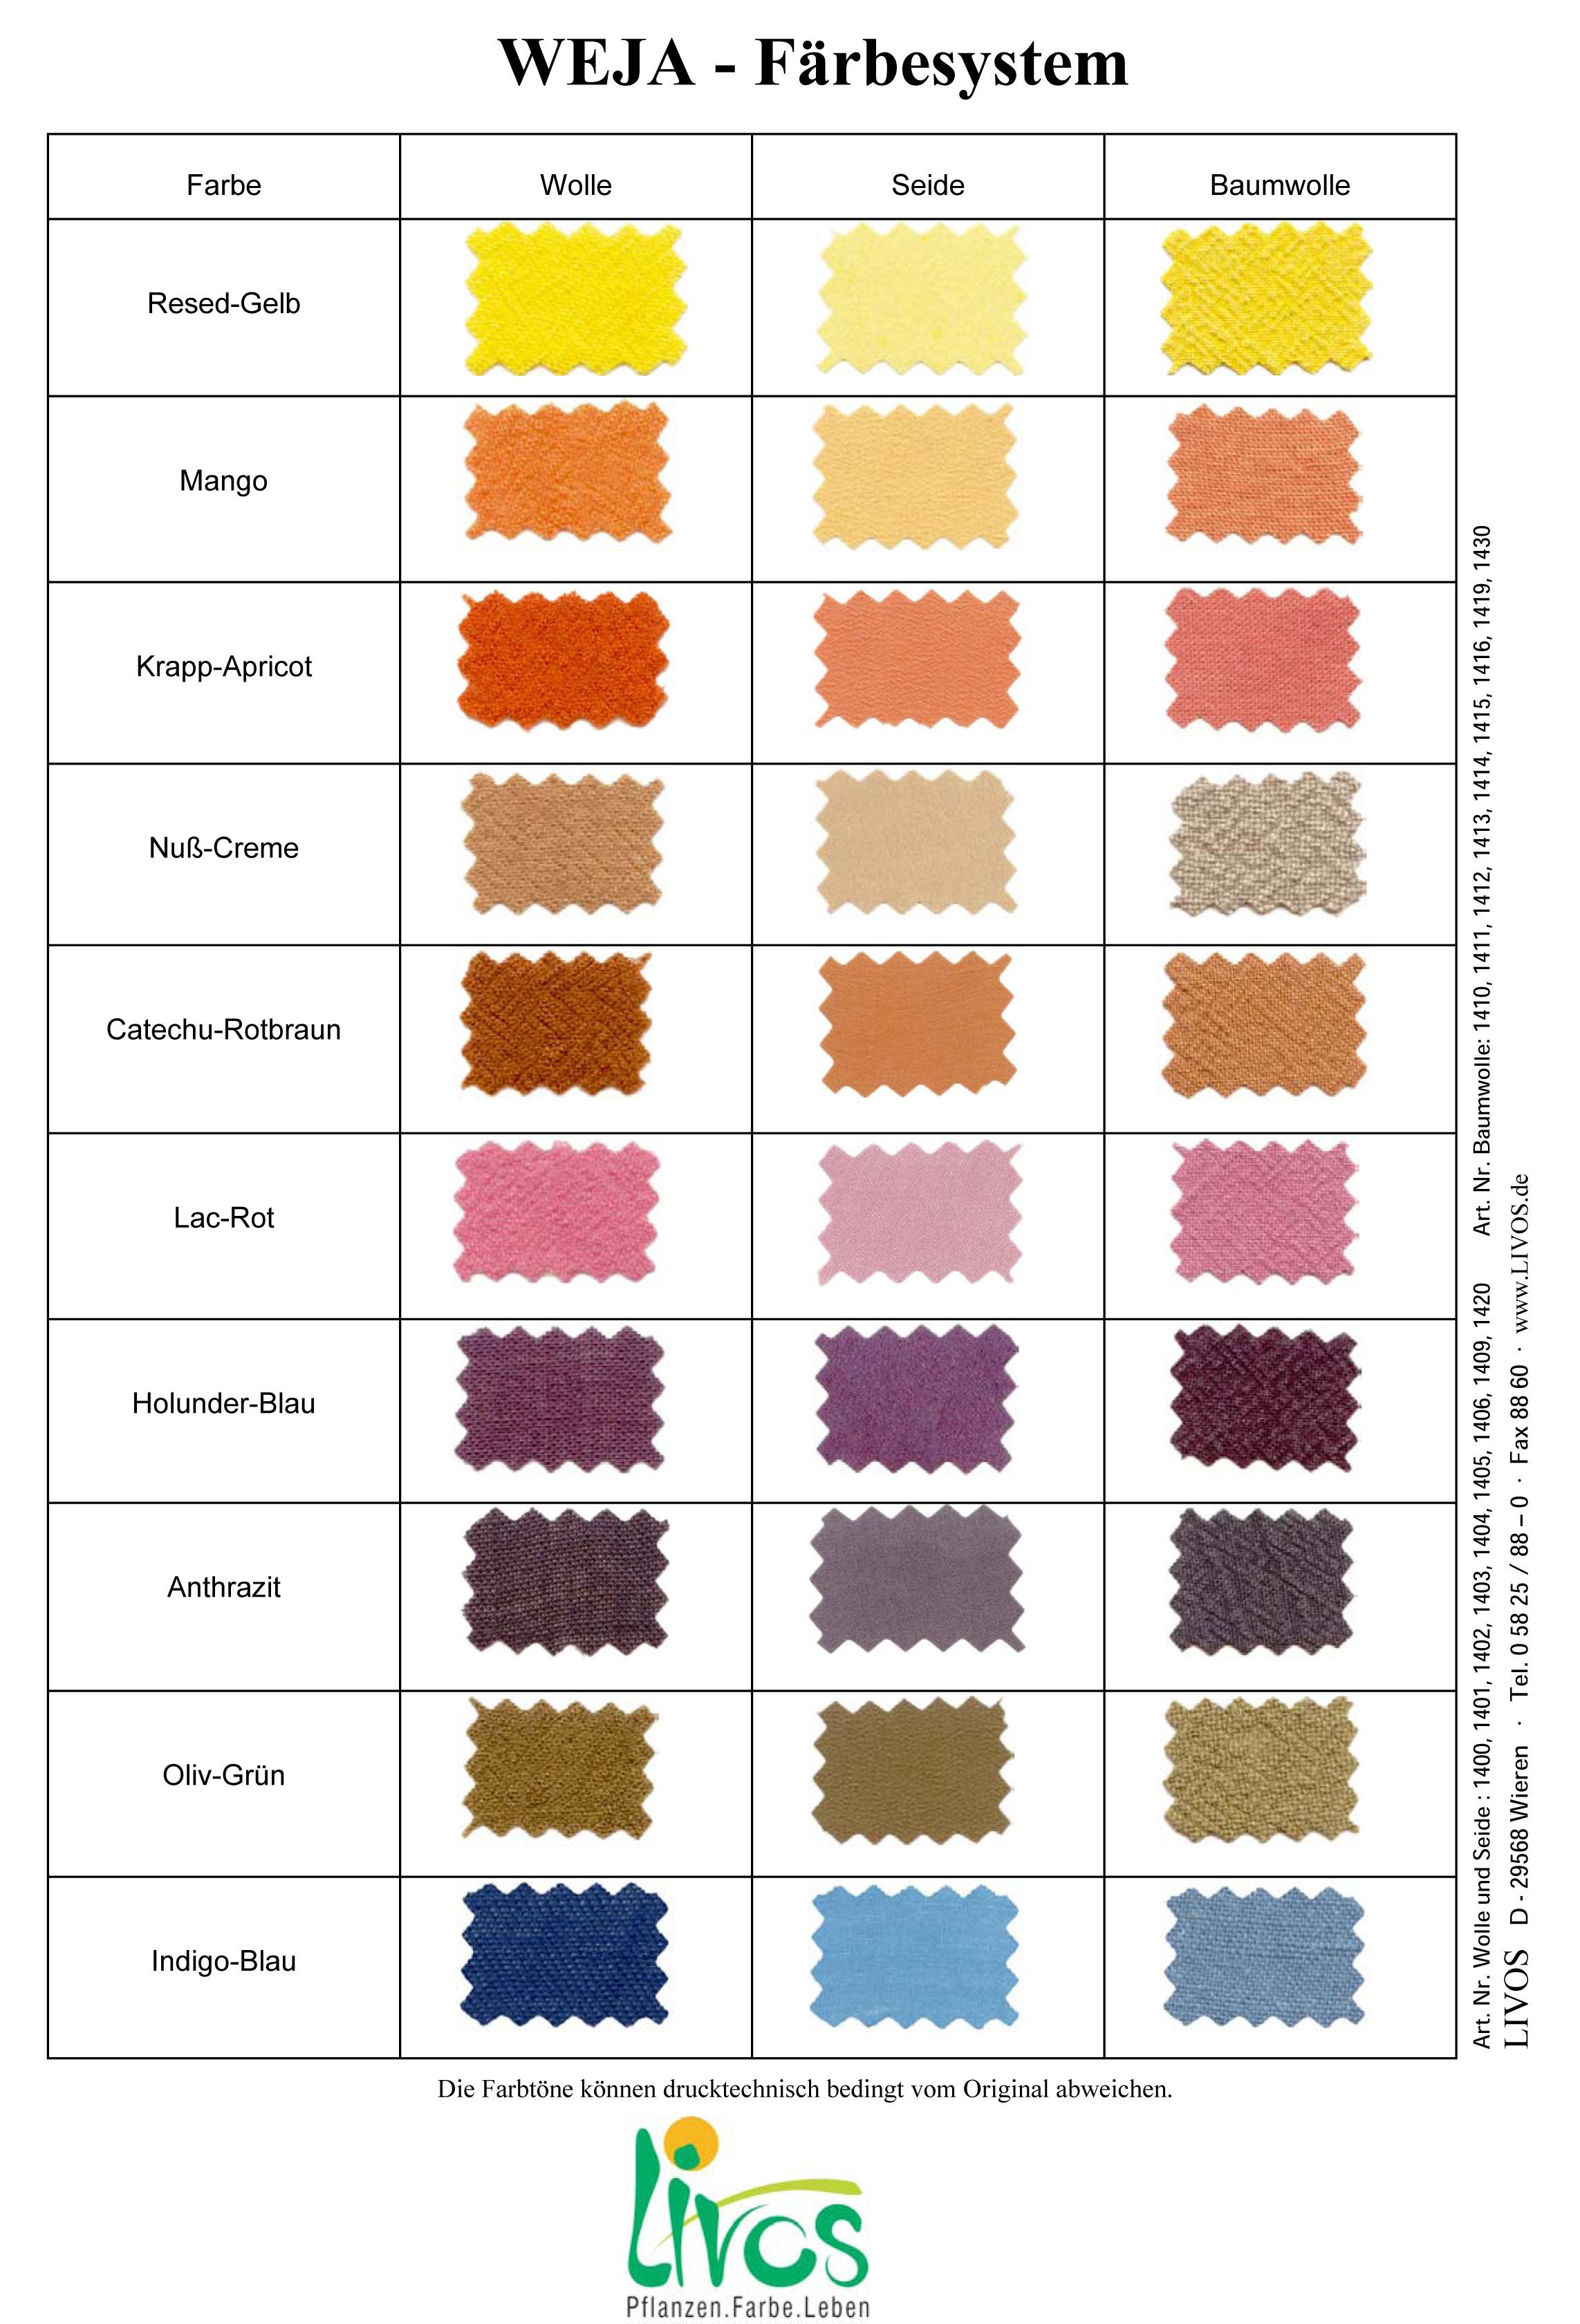 Weja farvekort, olivengrønne nuancer